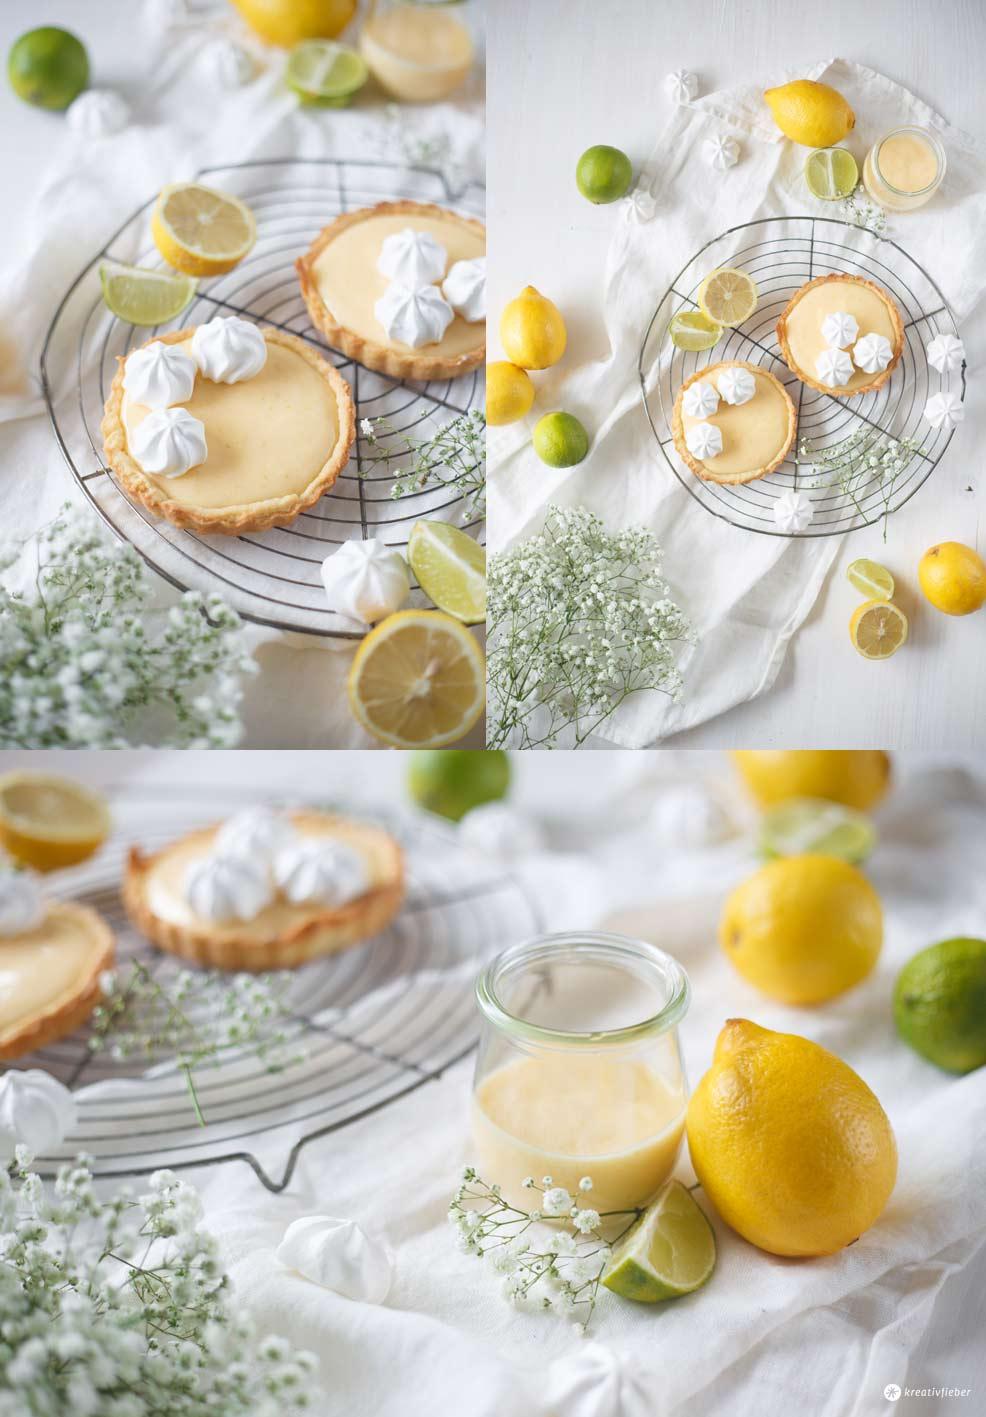 Tartelettes mit Limetten Curd selbermachen - schnelles, sommerliches Gebäck - Rezeptidee mit Zitrusfrüchten